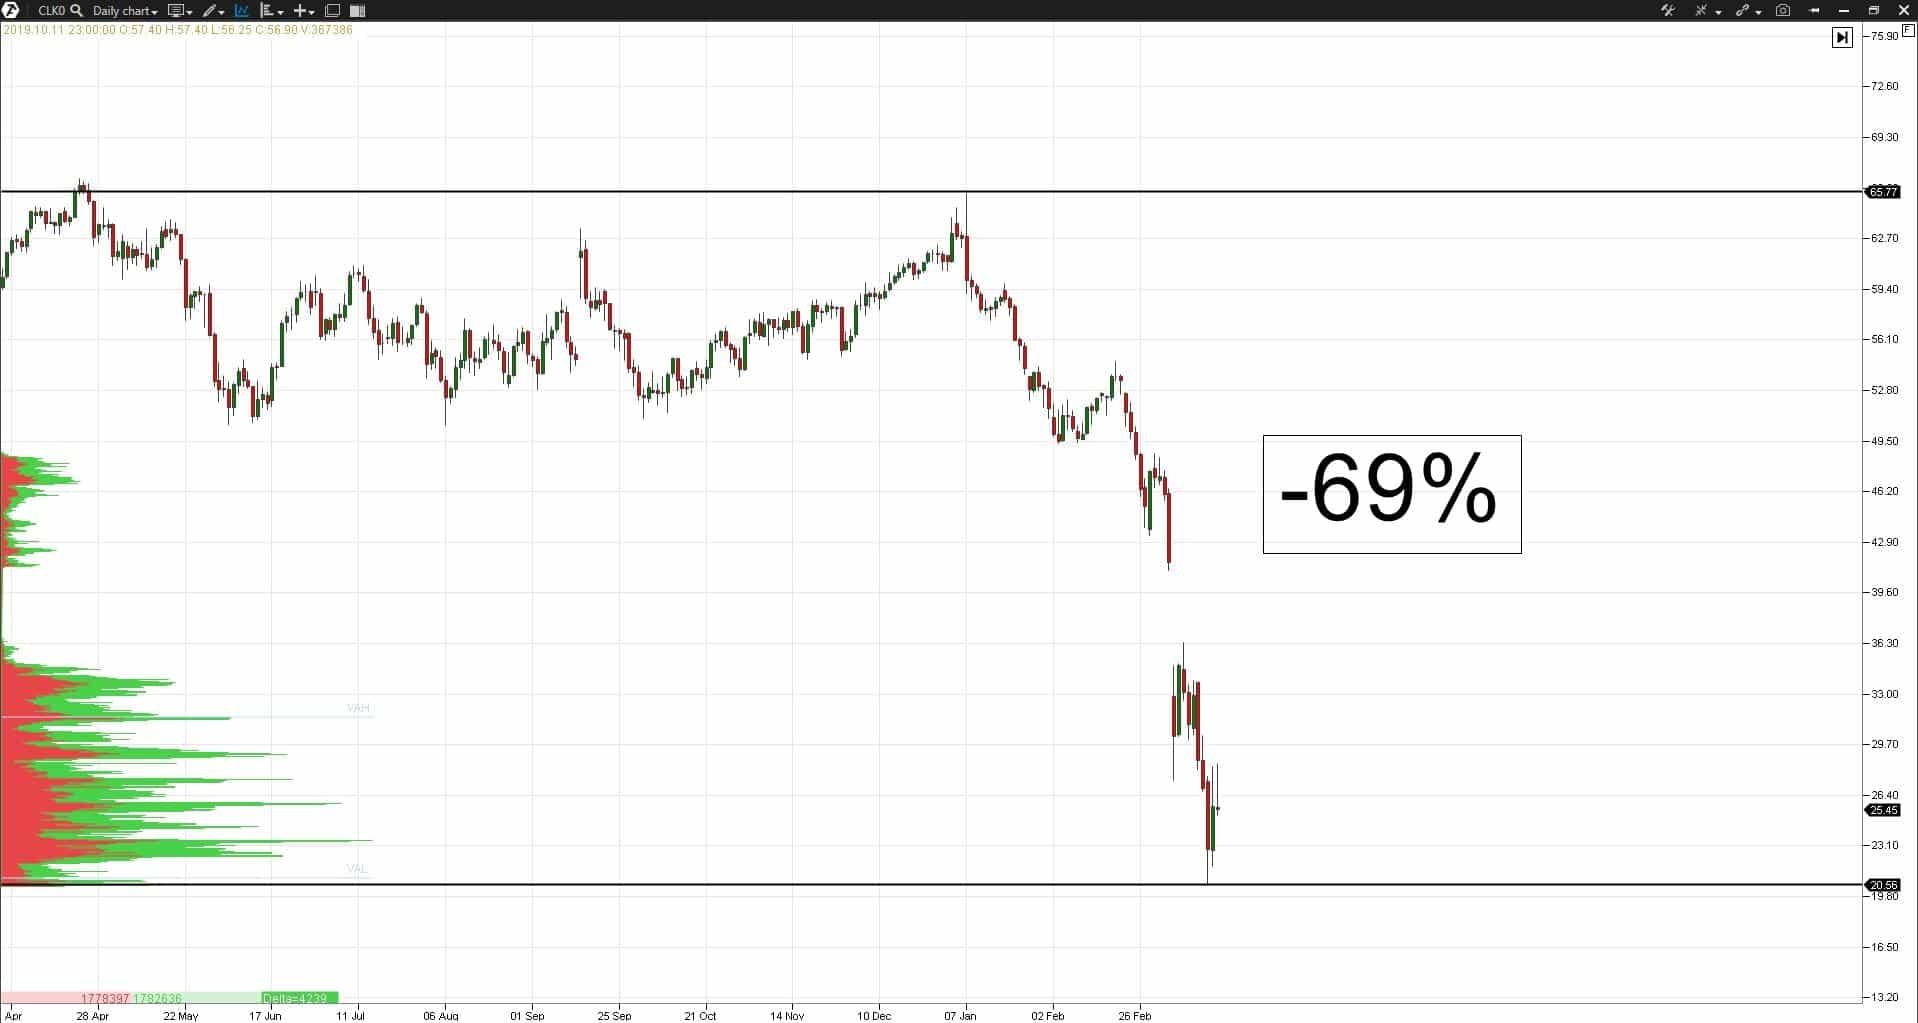 График движения цены нефти